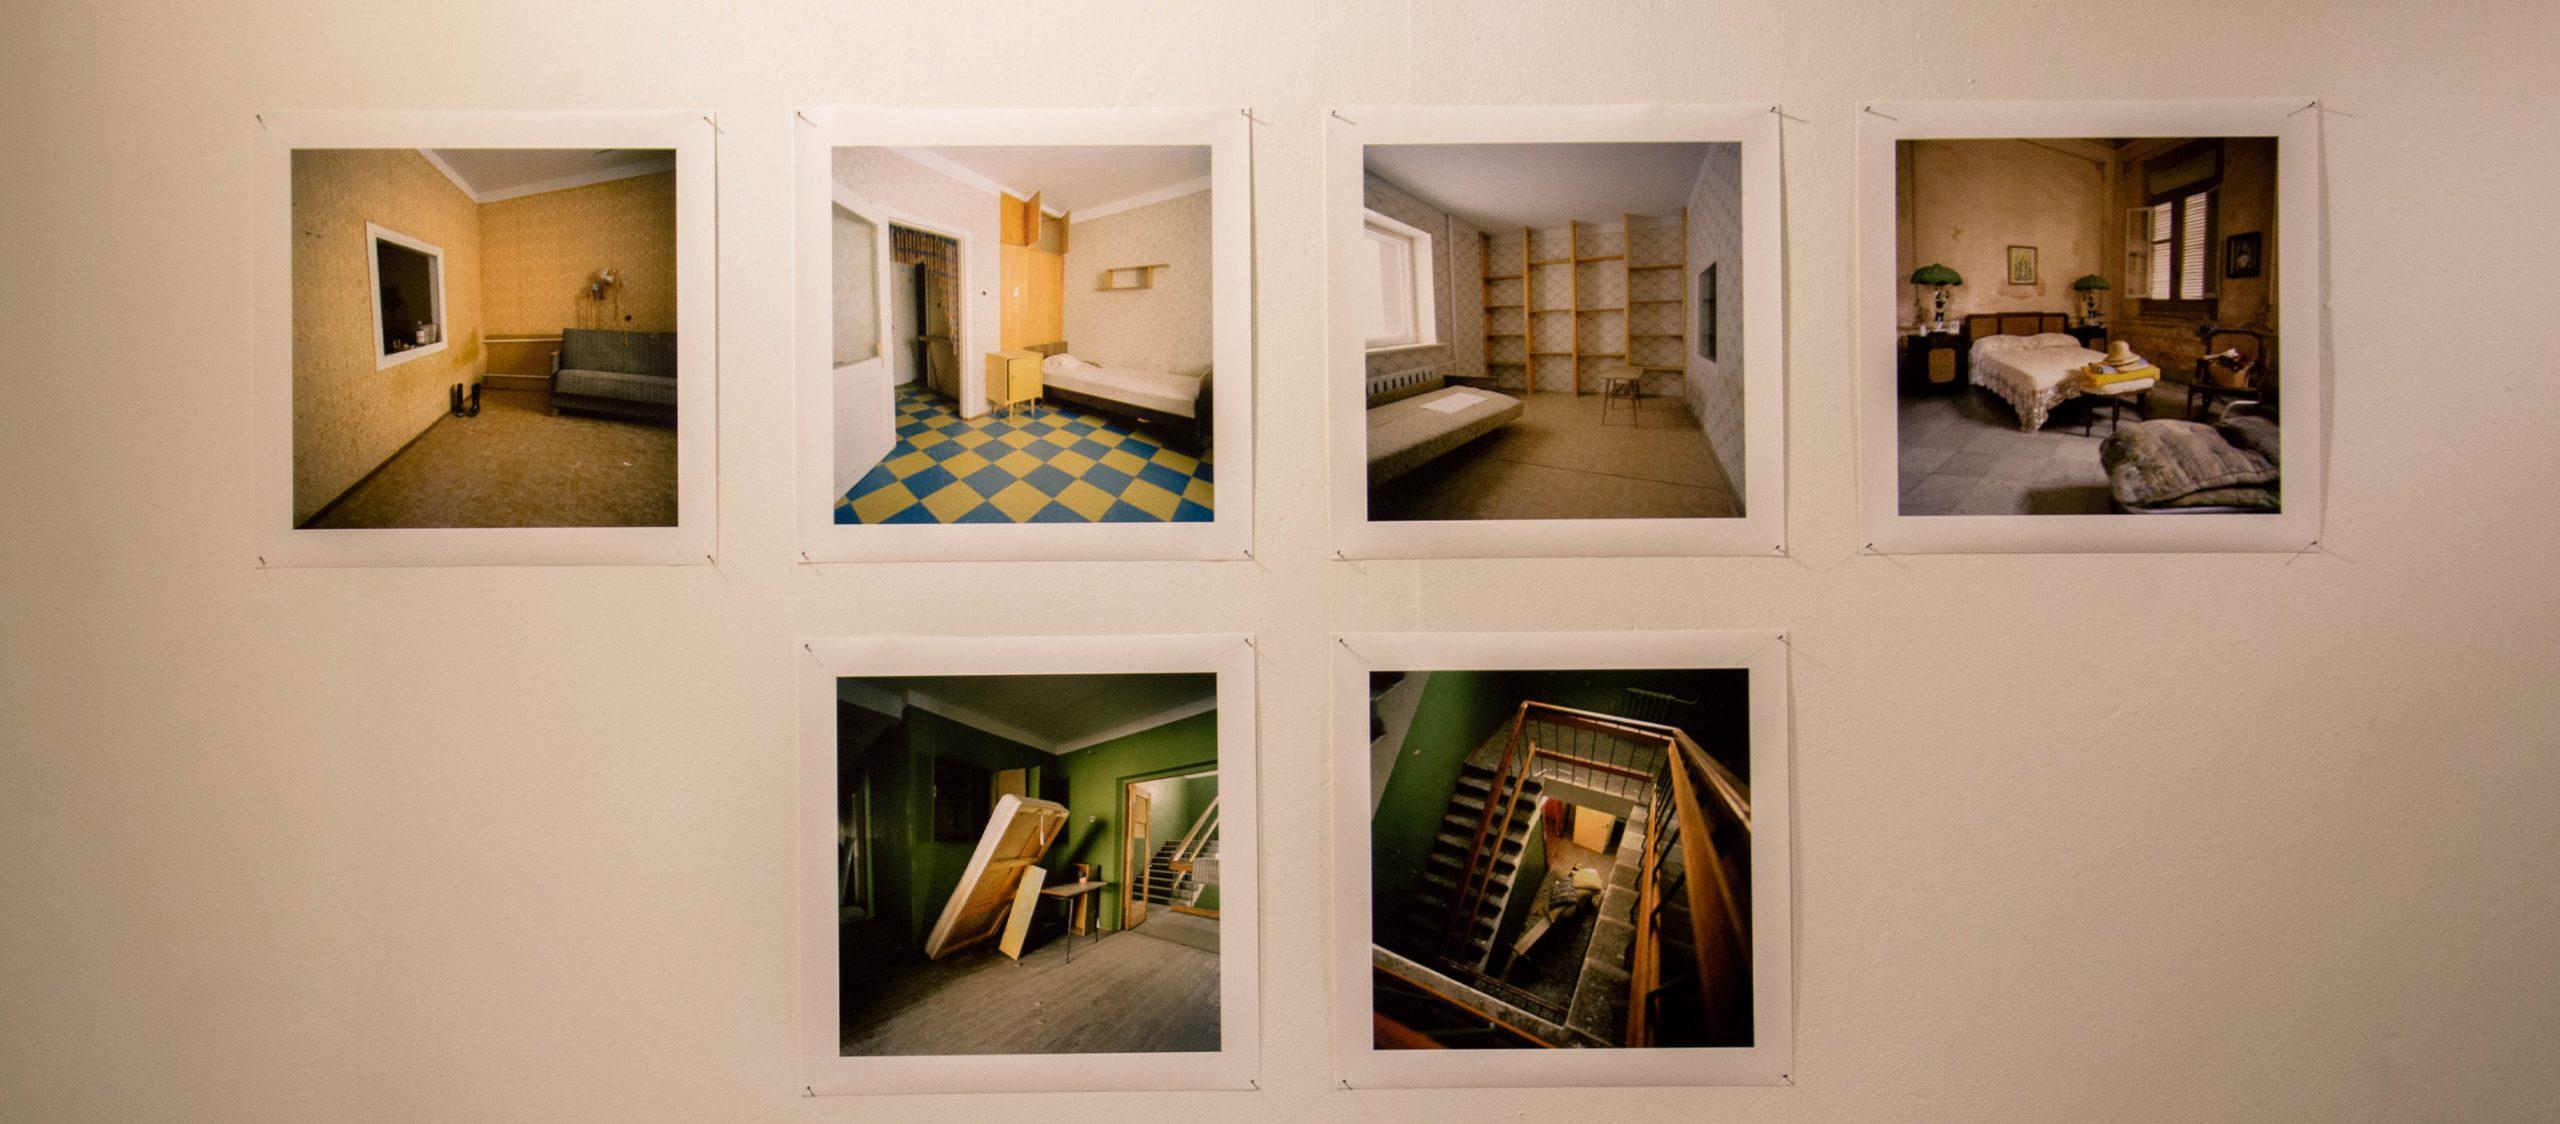 Carolina Sandretto ช่างภาพผู้สำรวจการทิ้งและไม่ทิ้งในคิวบาและเมืองร้างของรัสเซีย